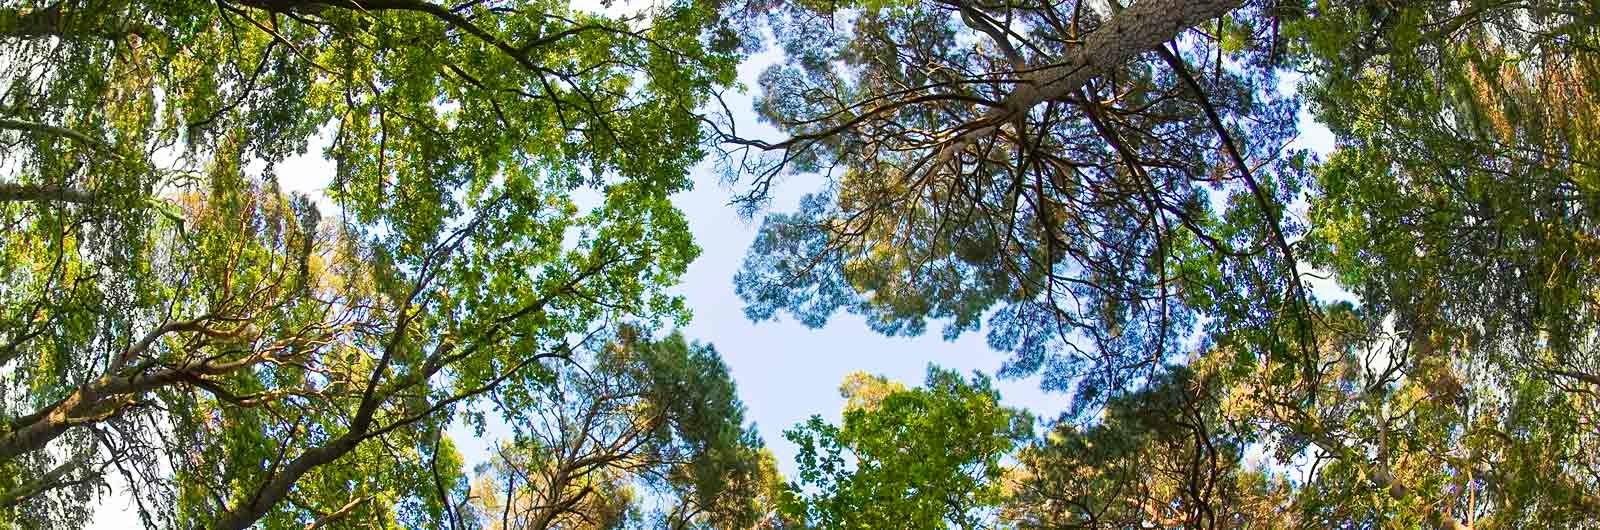 Trädkronor och himmel